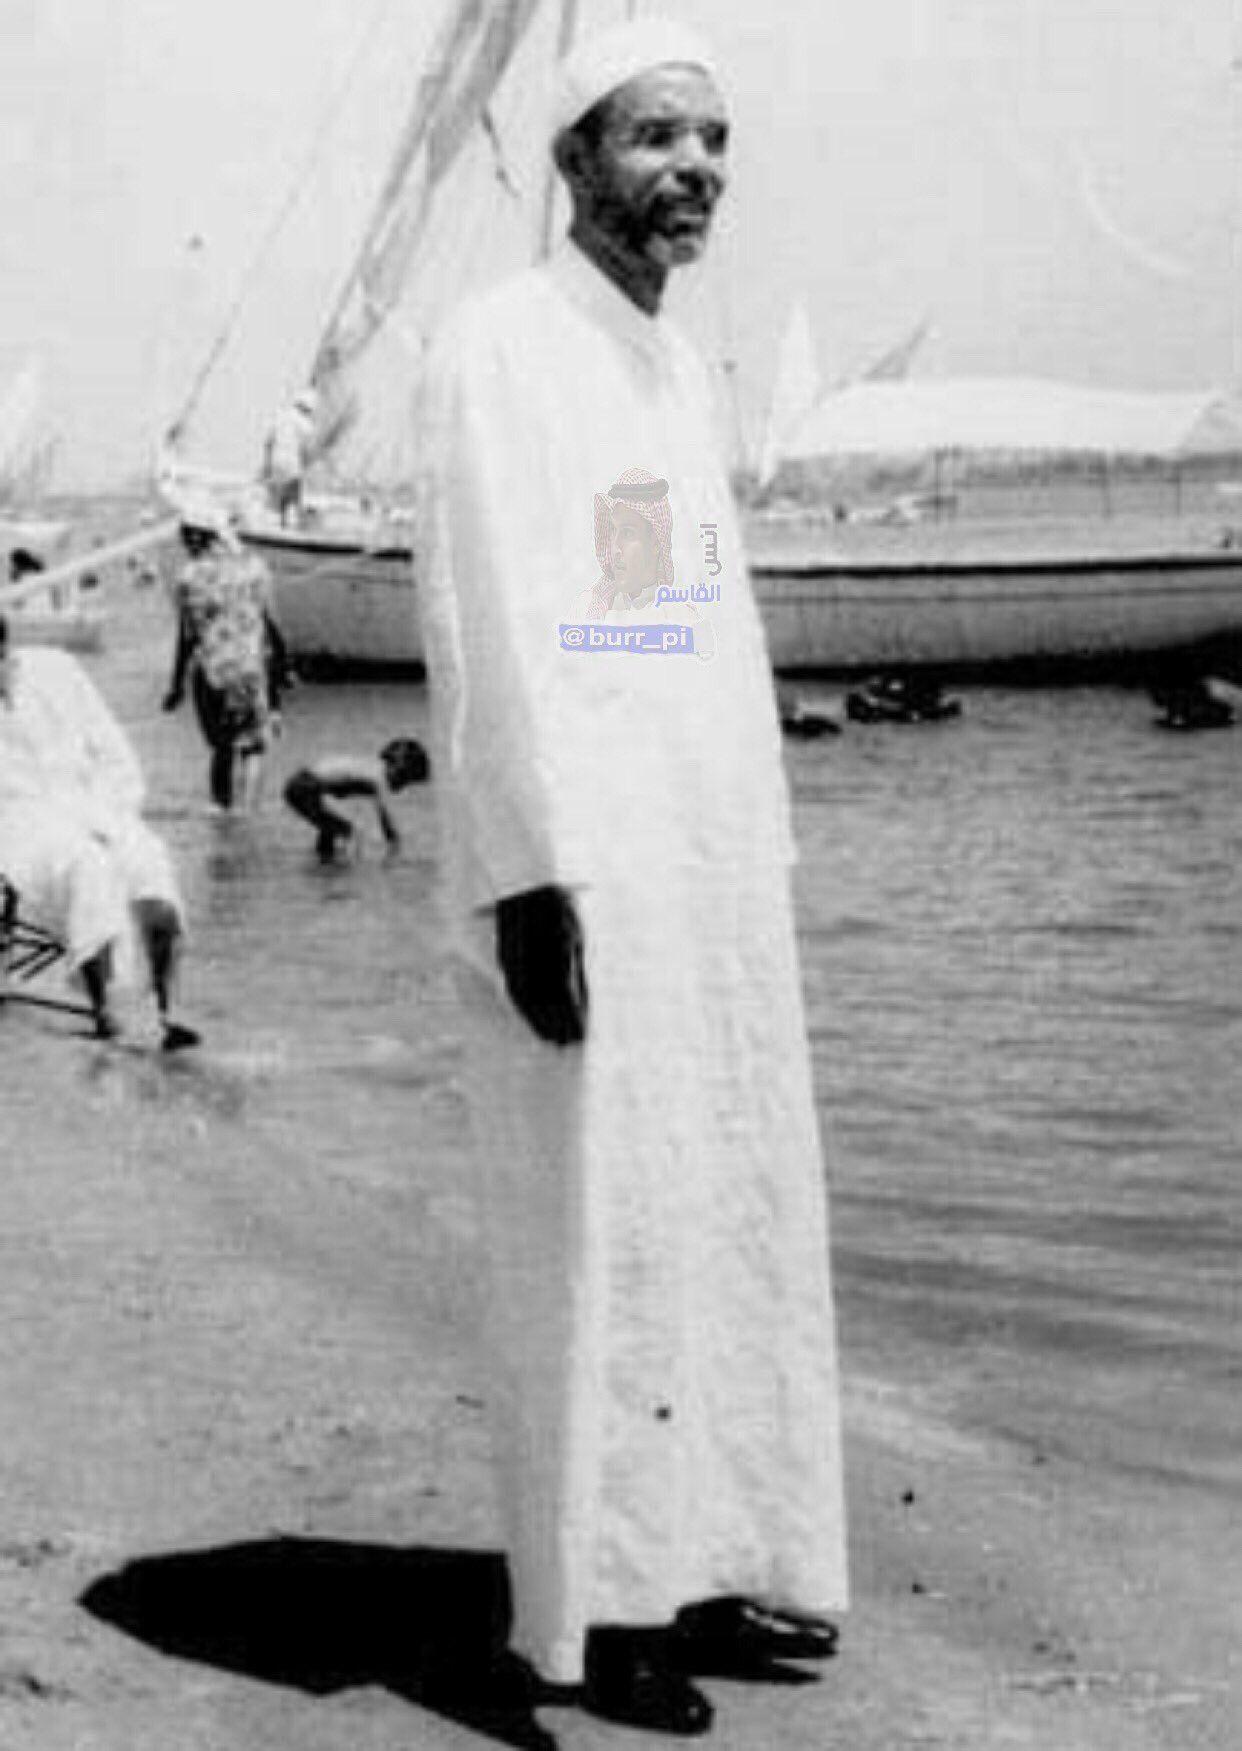 صورة نادرة جدا للشيخ محمد متولي الشعراوي وهو يقف على شاطئ البحر في محافظة بورسعيد المصرية الت قطت الصورة في الستينات الميلادية وتحديد Coat Lab Coat Fashion